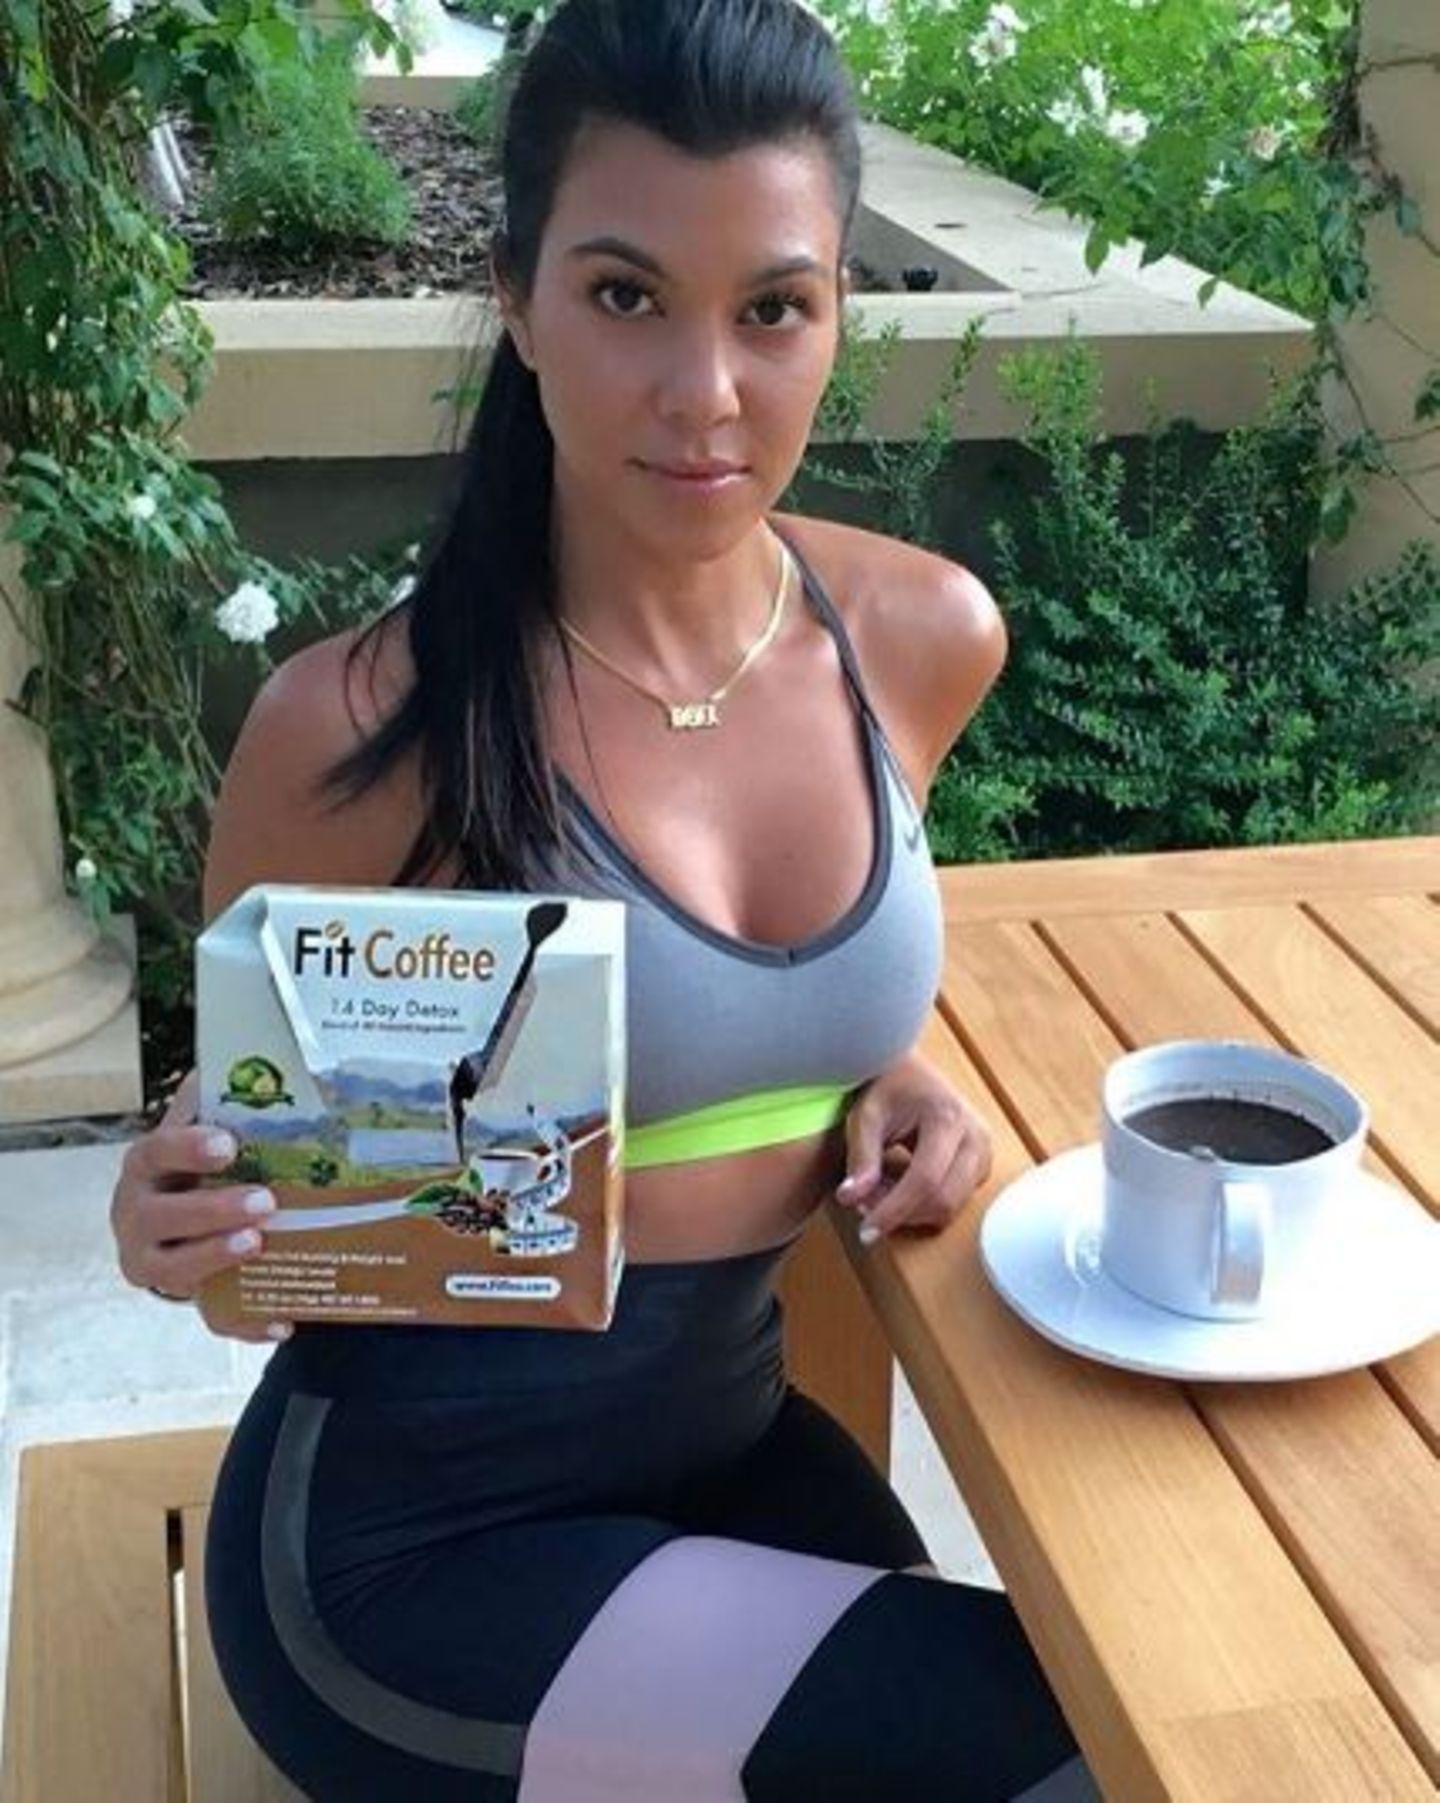 """Bei Kourtney Kardashian kommt die sportliche Silhouette nicht von ungefähr: Sie ist ein wahrer Workout-Junkie. Um die Fettverbrennung zu unterstützen, trinkt sie außerdem den """"Fit Coffee"""" - entweder zum Frühstück oder direkt vor einer Trainigseinheit."""